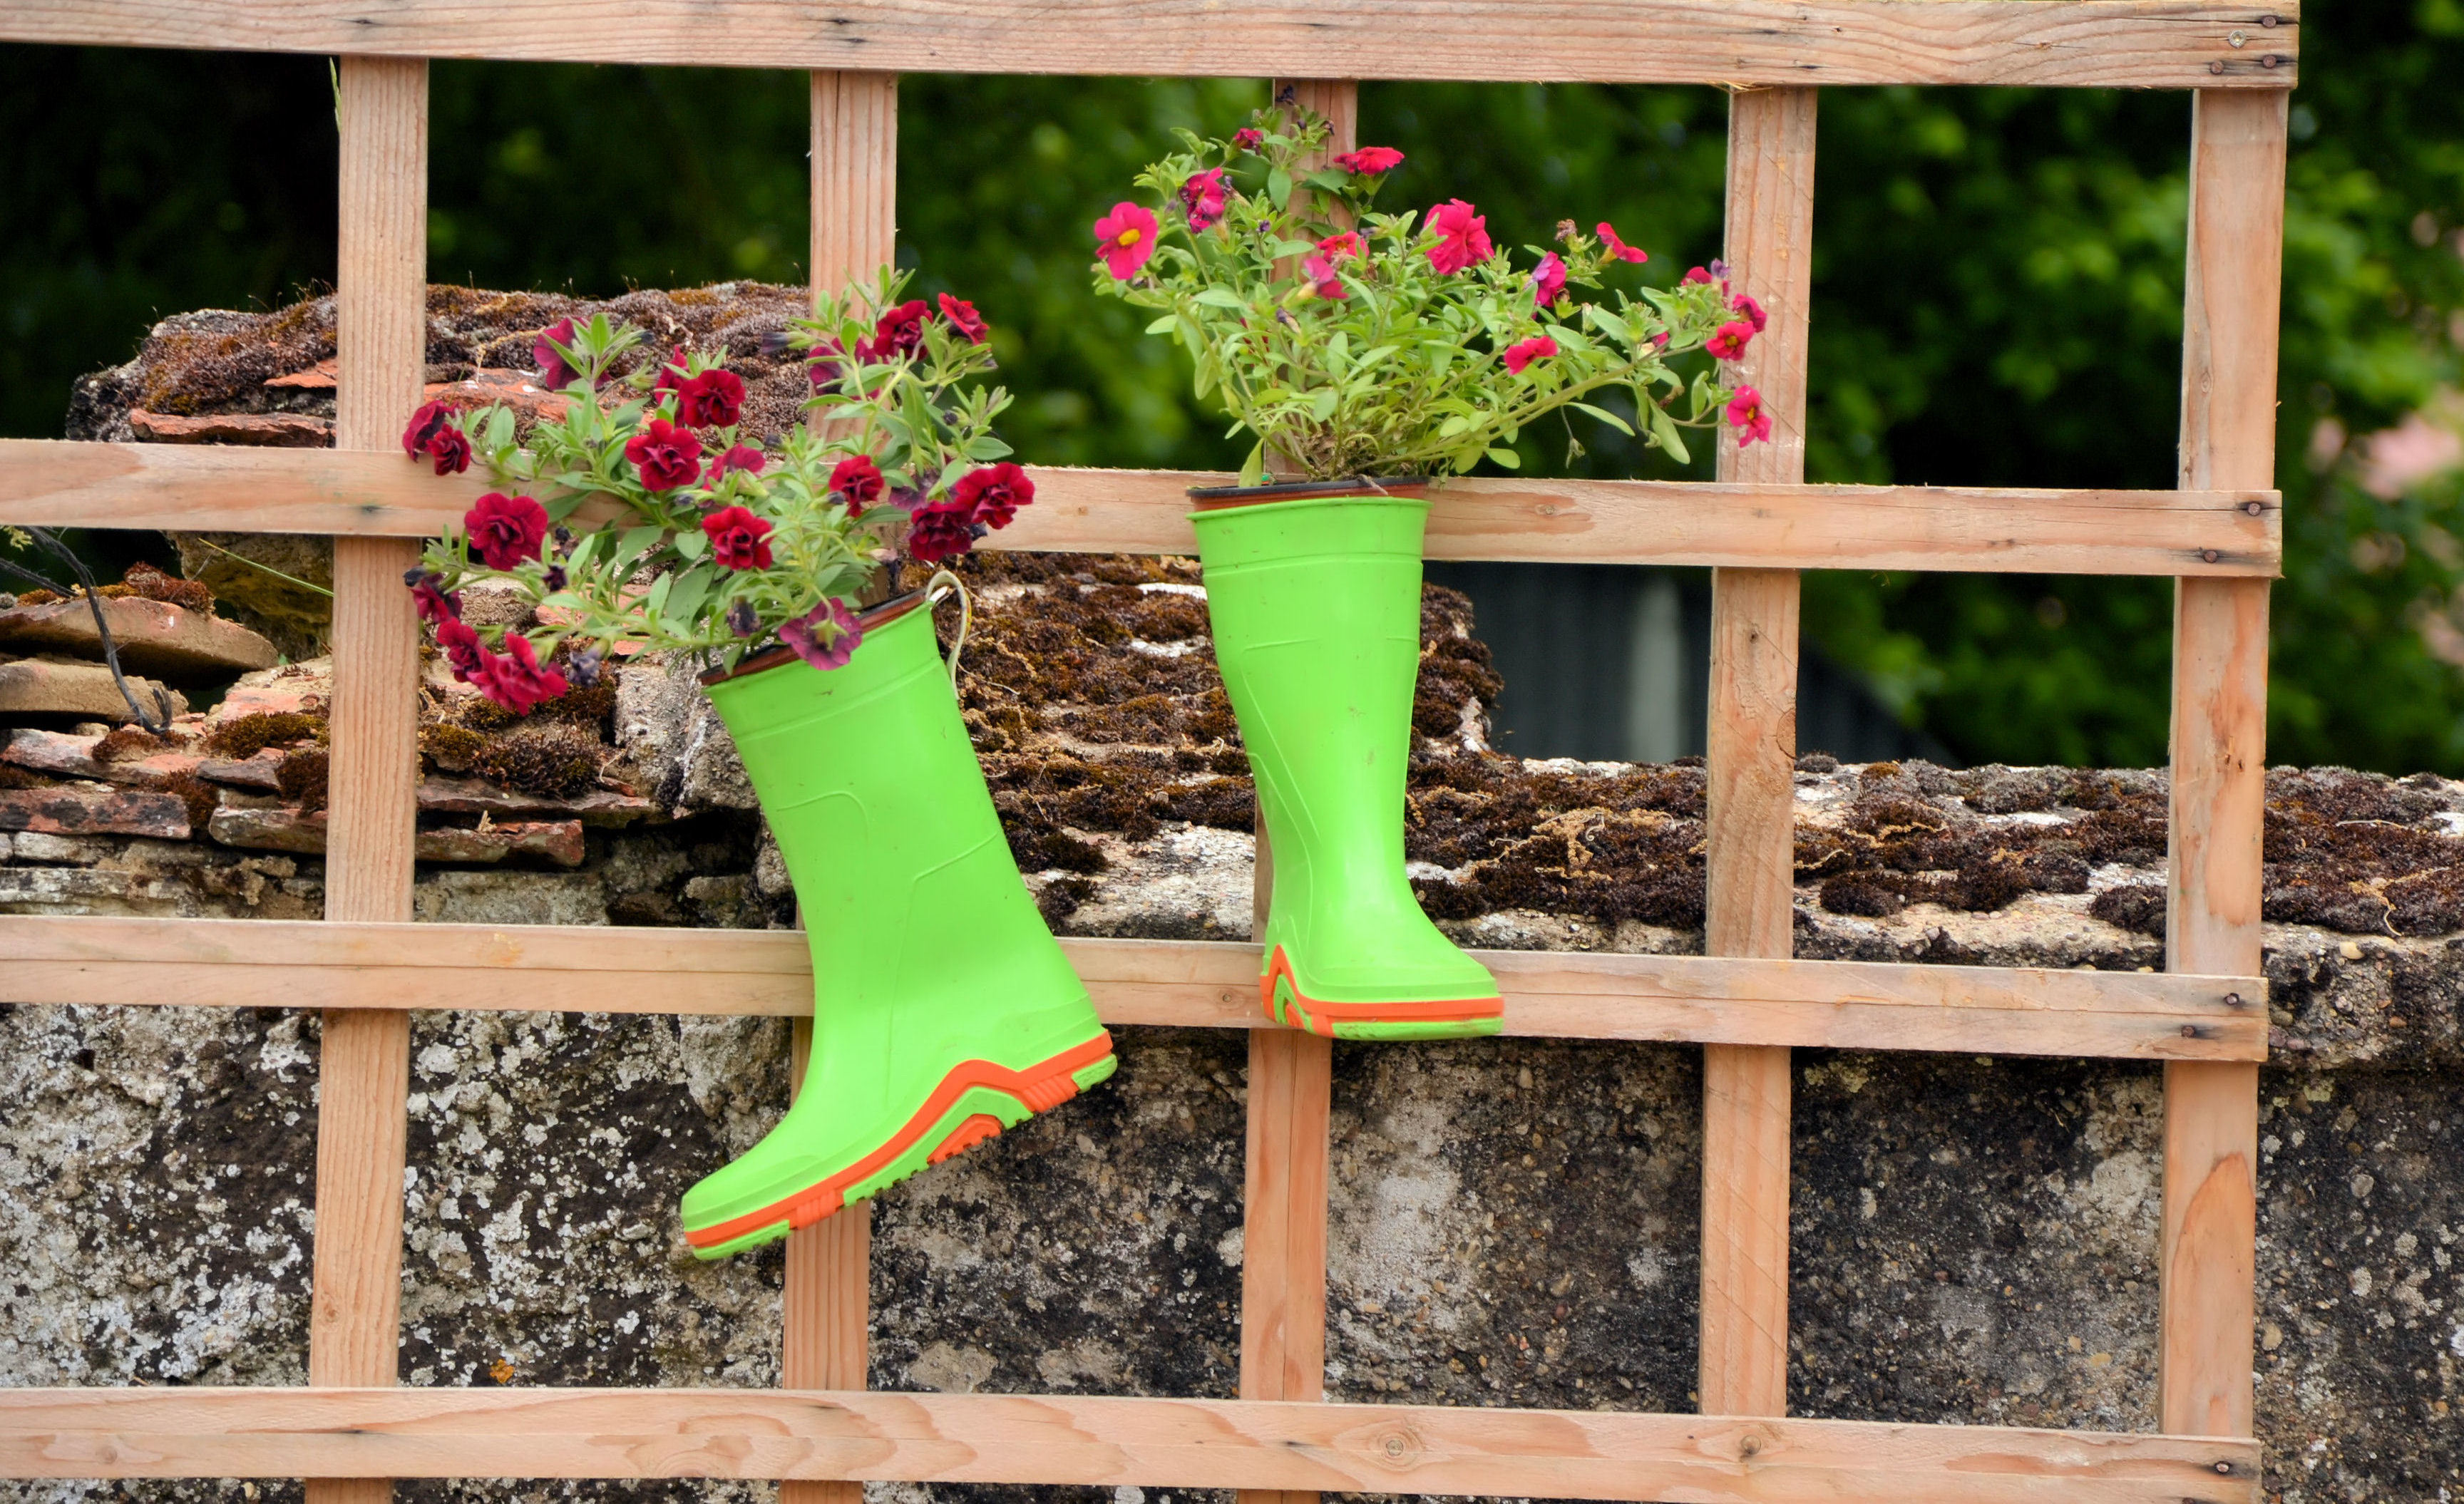 Hazlo t mismo ideas geniales para decorar tu patio fotos telemundo - Como disenar un jardin grande ...